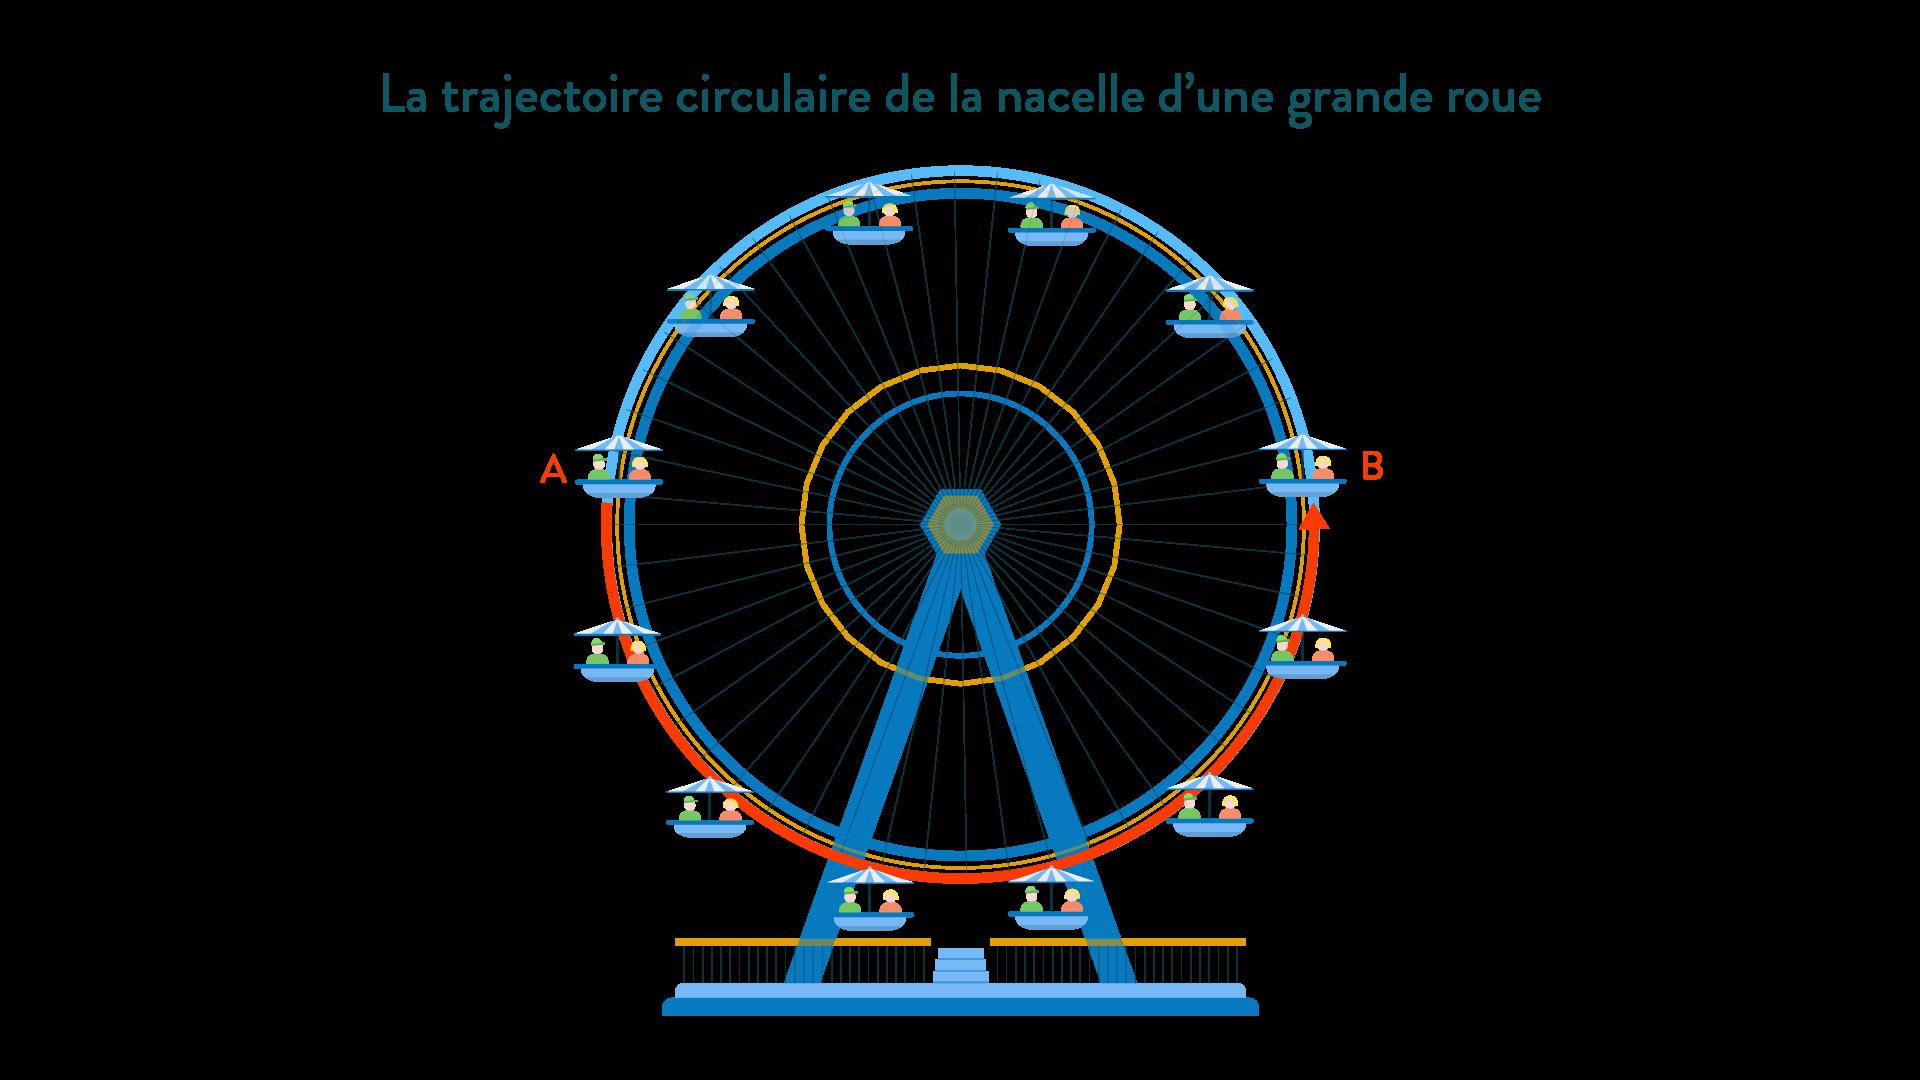 Trajectoire circulaire de la nacelle d'une grande roue physique chimie 6eme schoolmouv